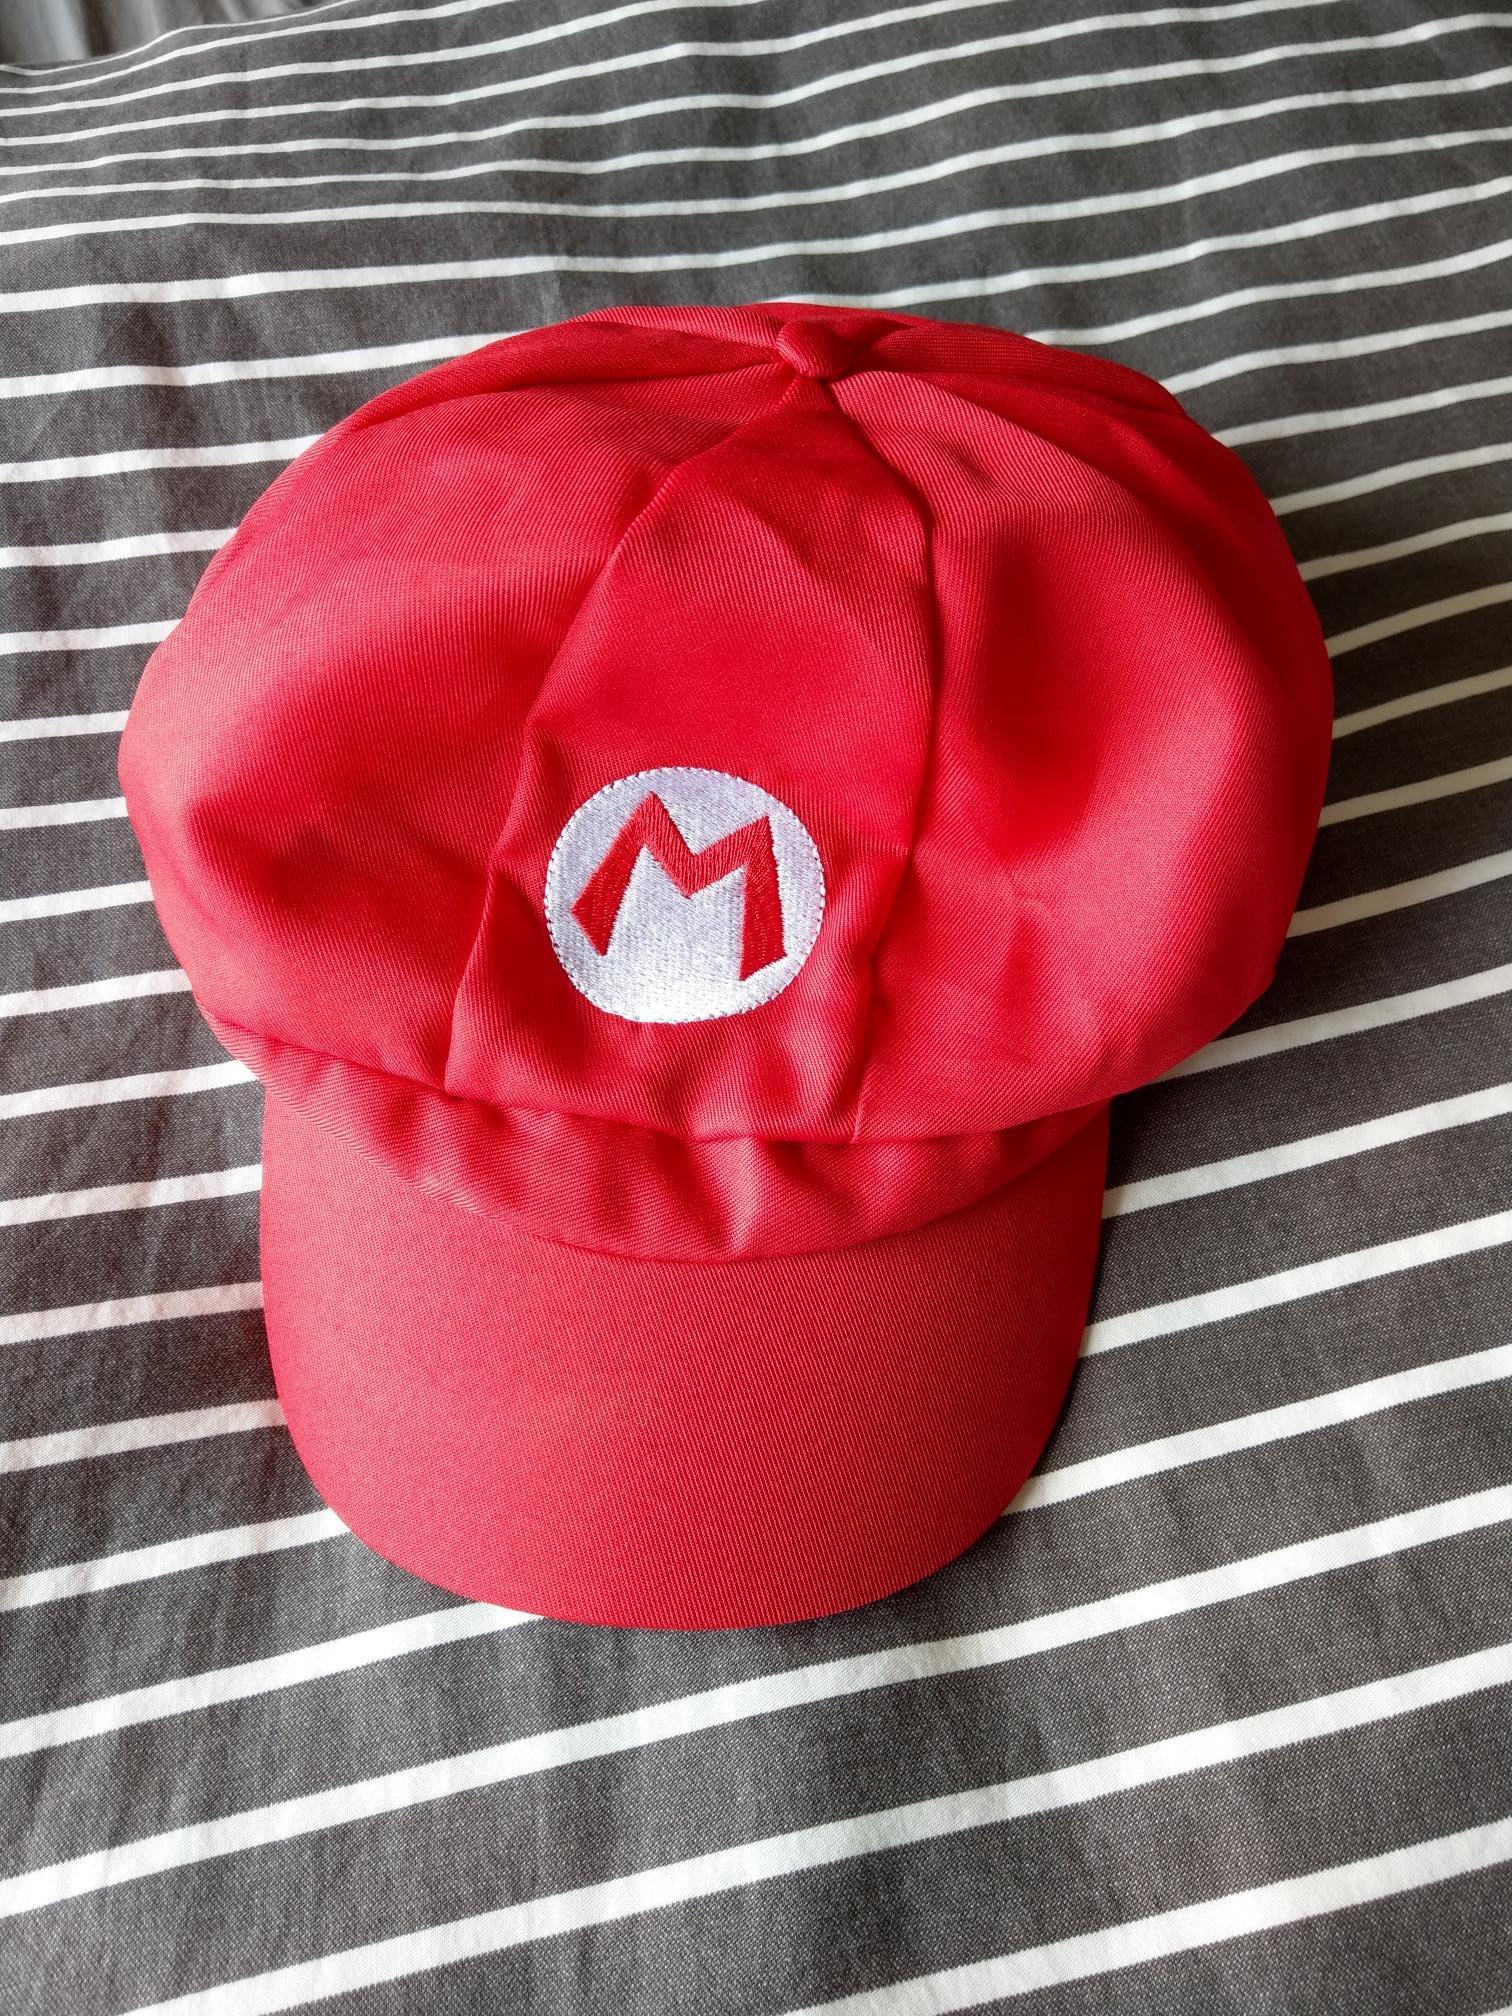 超級瑪莉 瑪莉歐 帽子